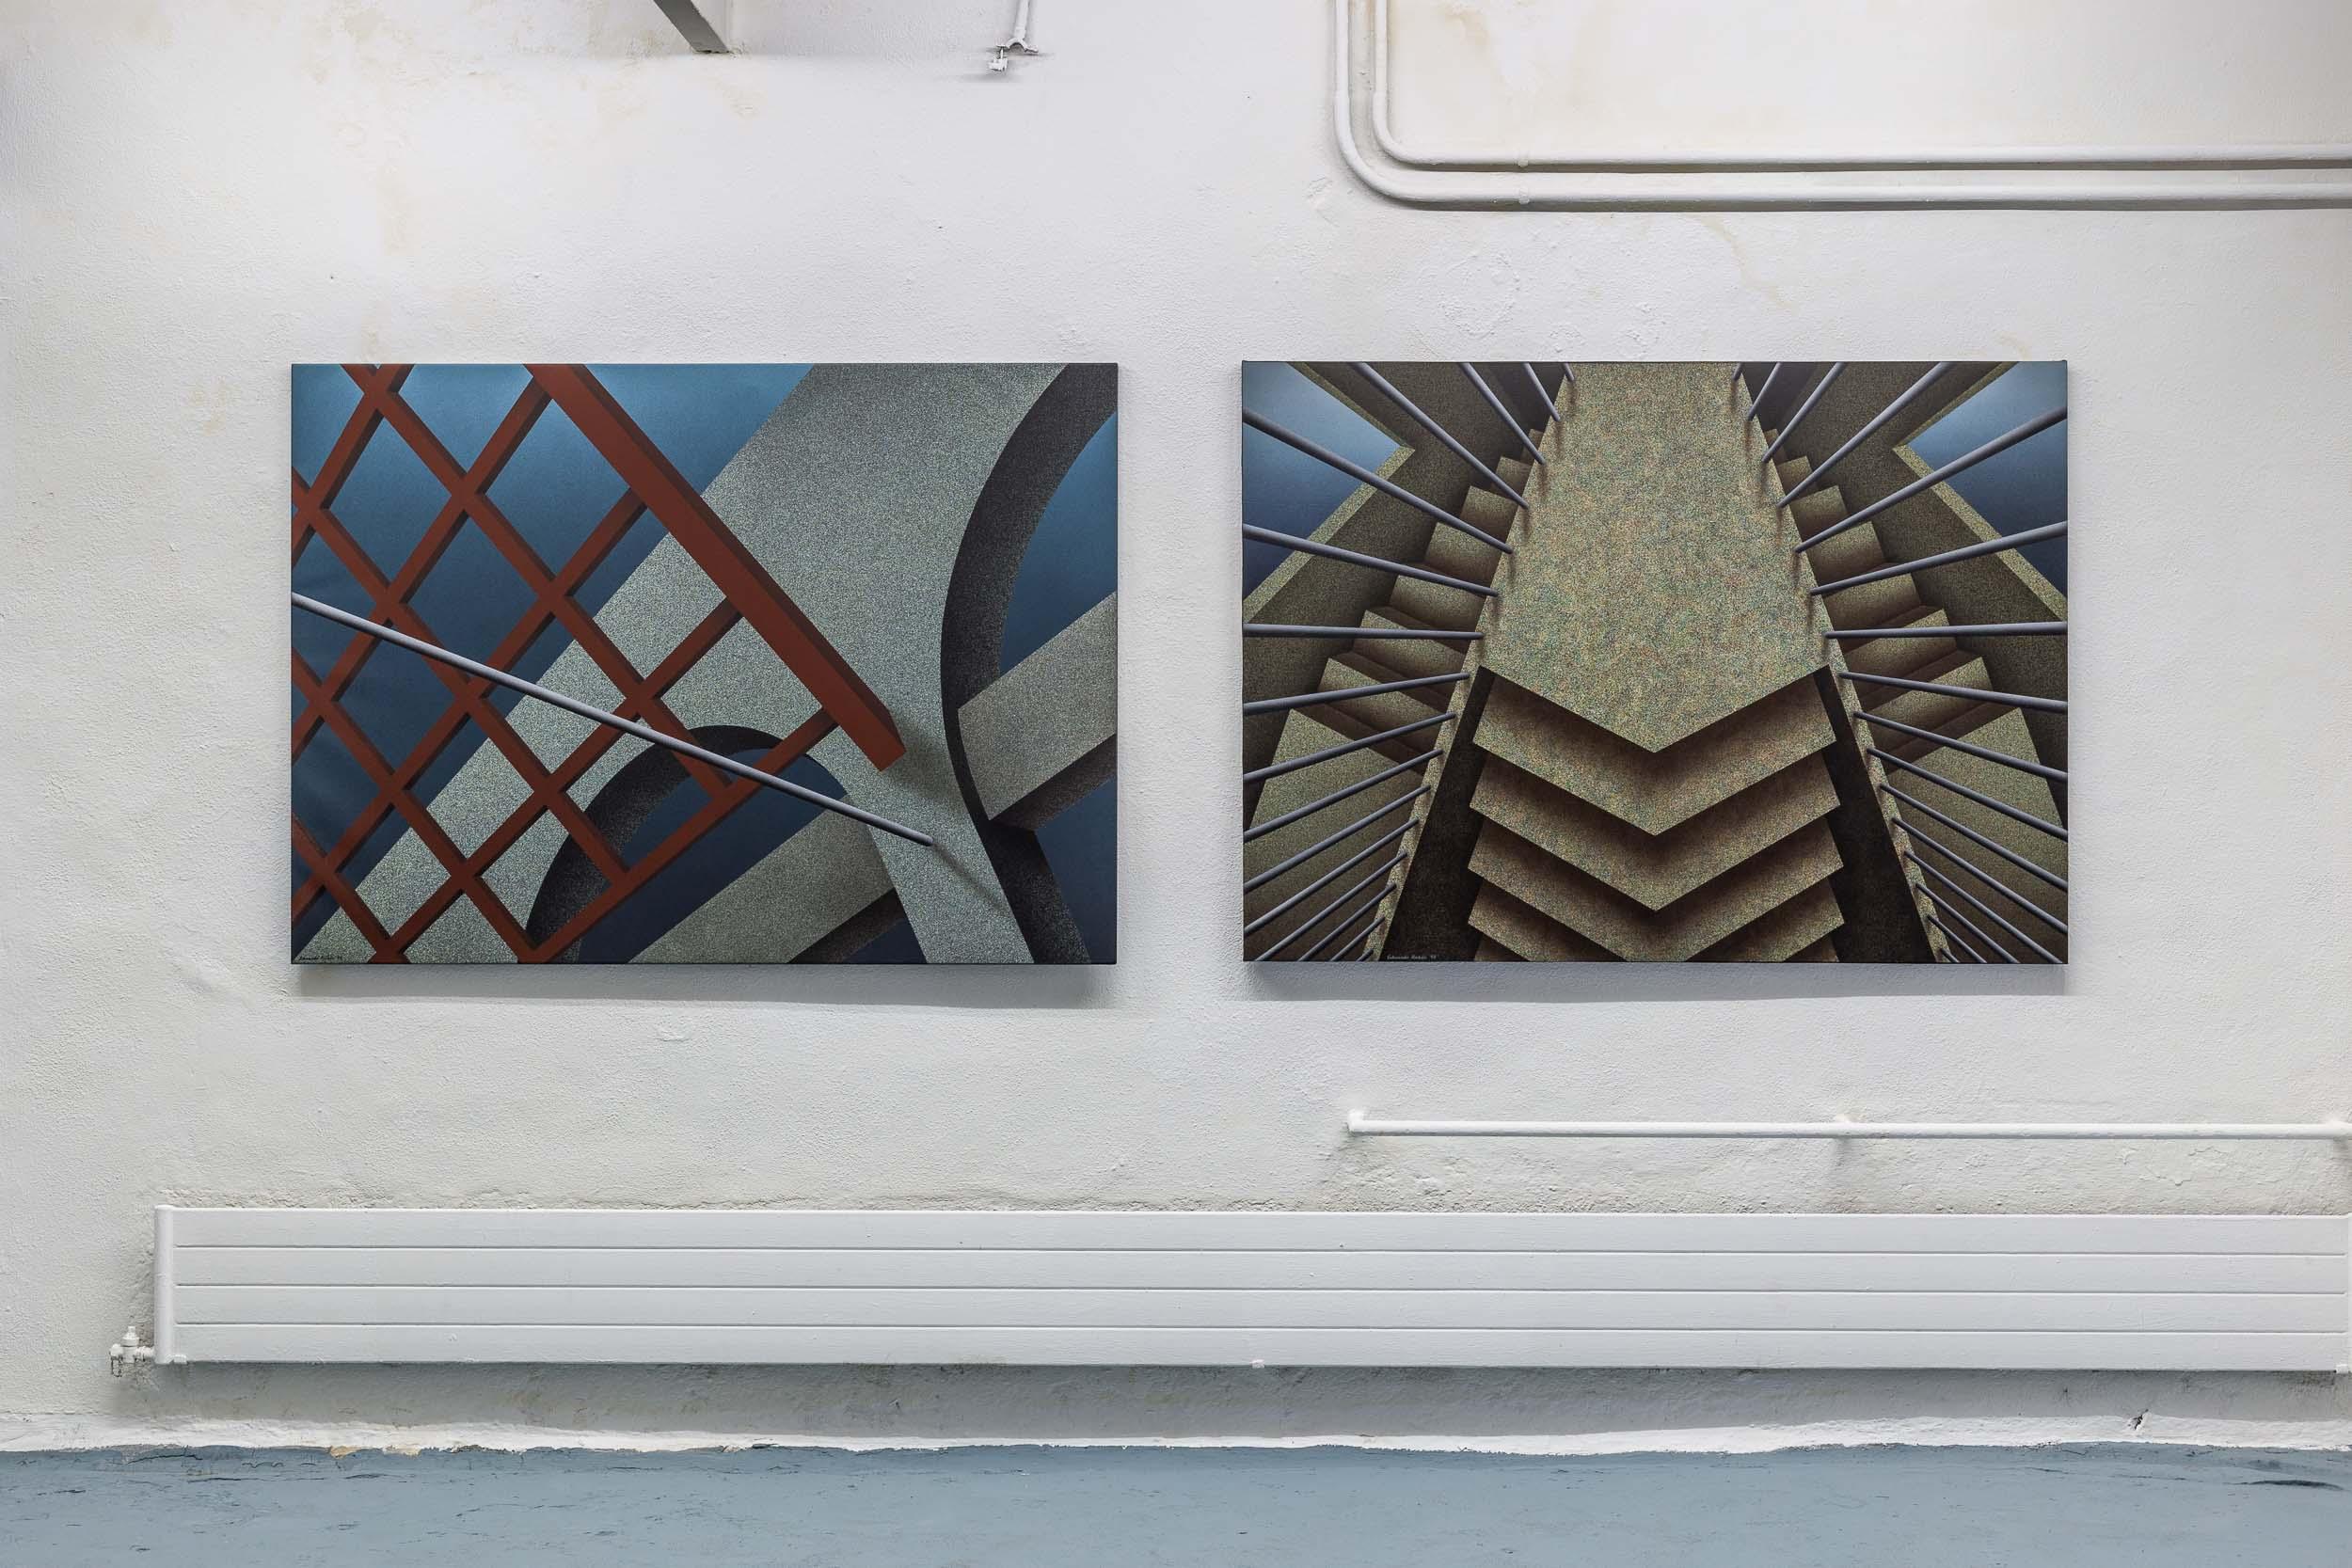 Left: Eduardo Rubén,  Untitled , 1994, acrylic on canvas, 109 x 149 cm  Right: Eduardo Rubén,  View from the Top 2 , 1993, acrylic on canvas, 109 x 149 cm  Photo: Kilian Bannwart